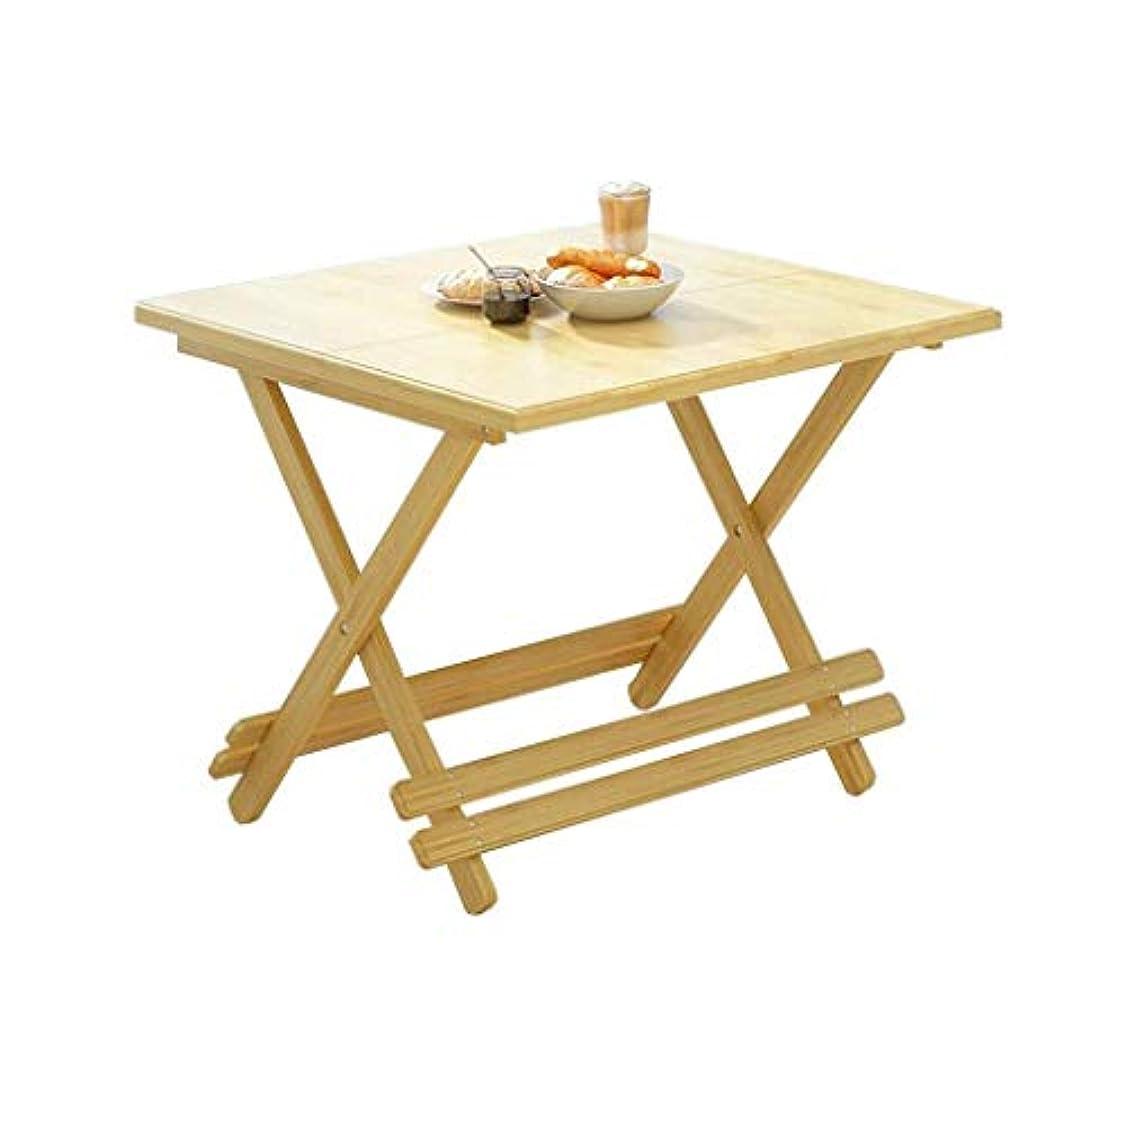 熟考する不格好チャーターMXYXN 実用的な折りたたみ式テーブル小さなダイニングテーブル屋外実用的な収納家庭用竹200キログラムキャリング容量耐久性